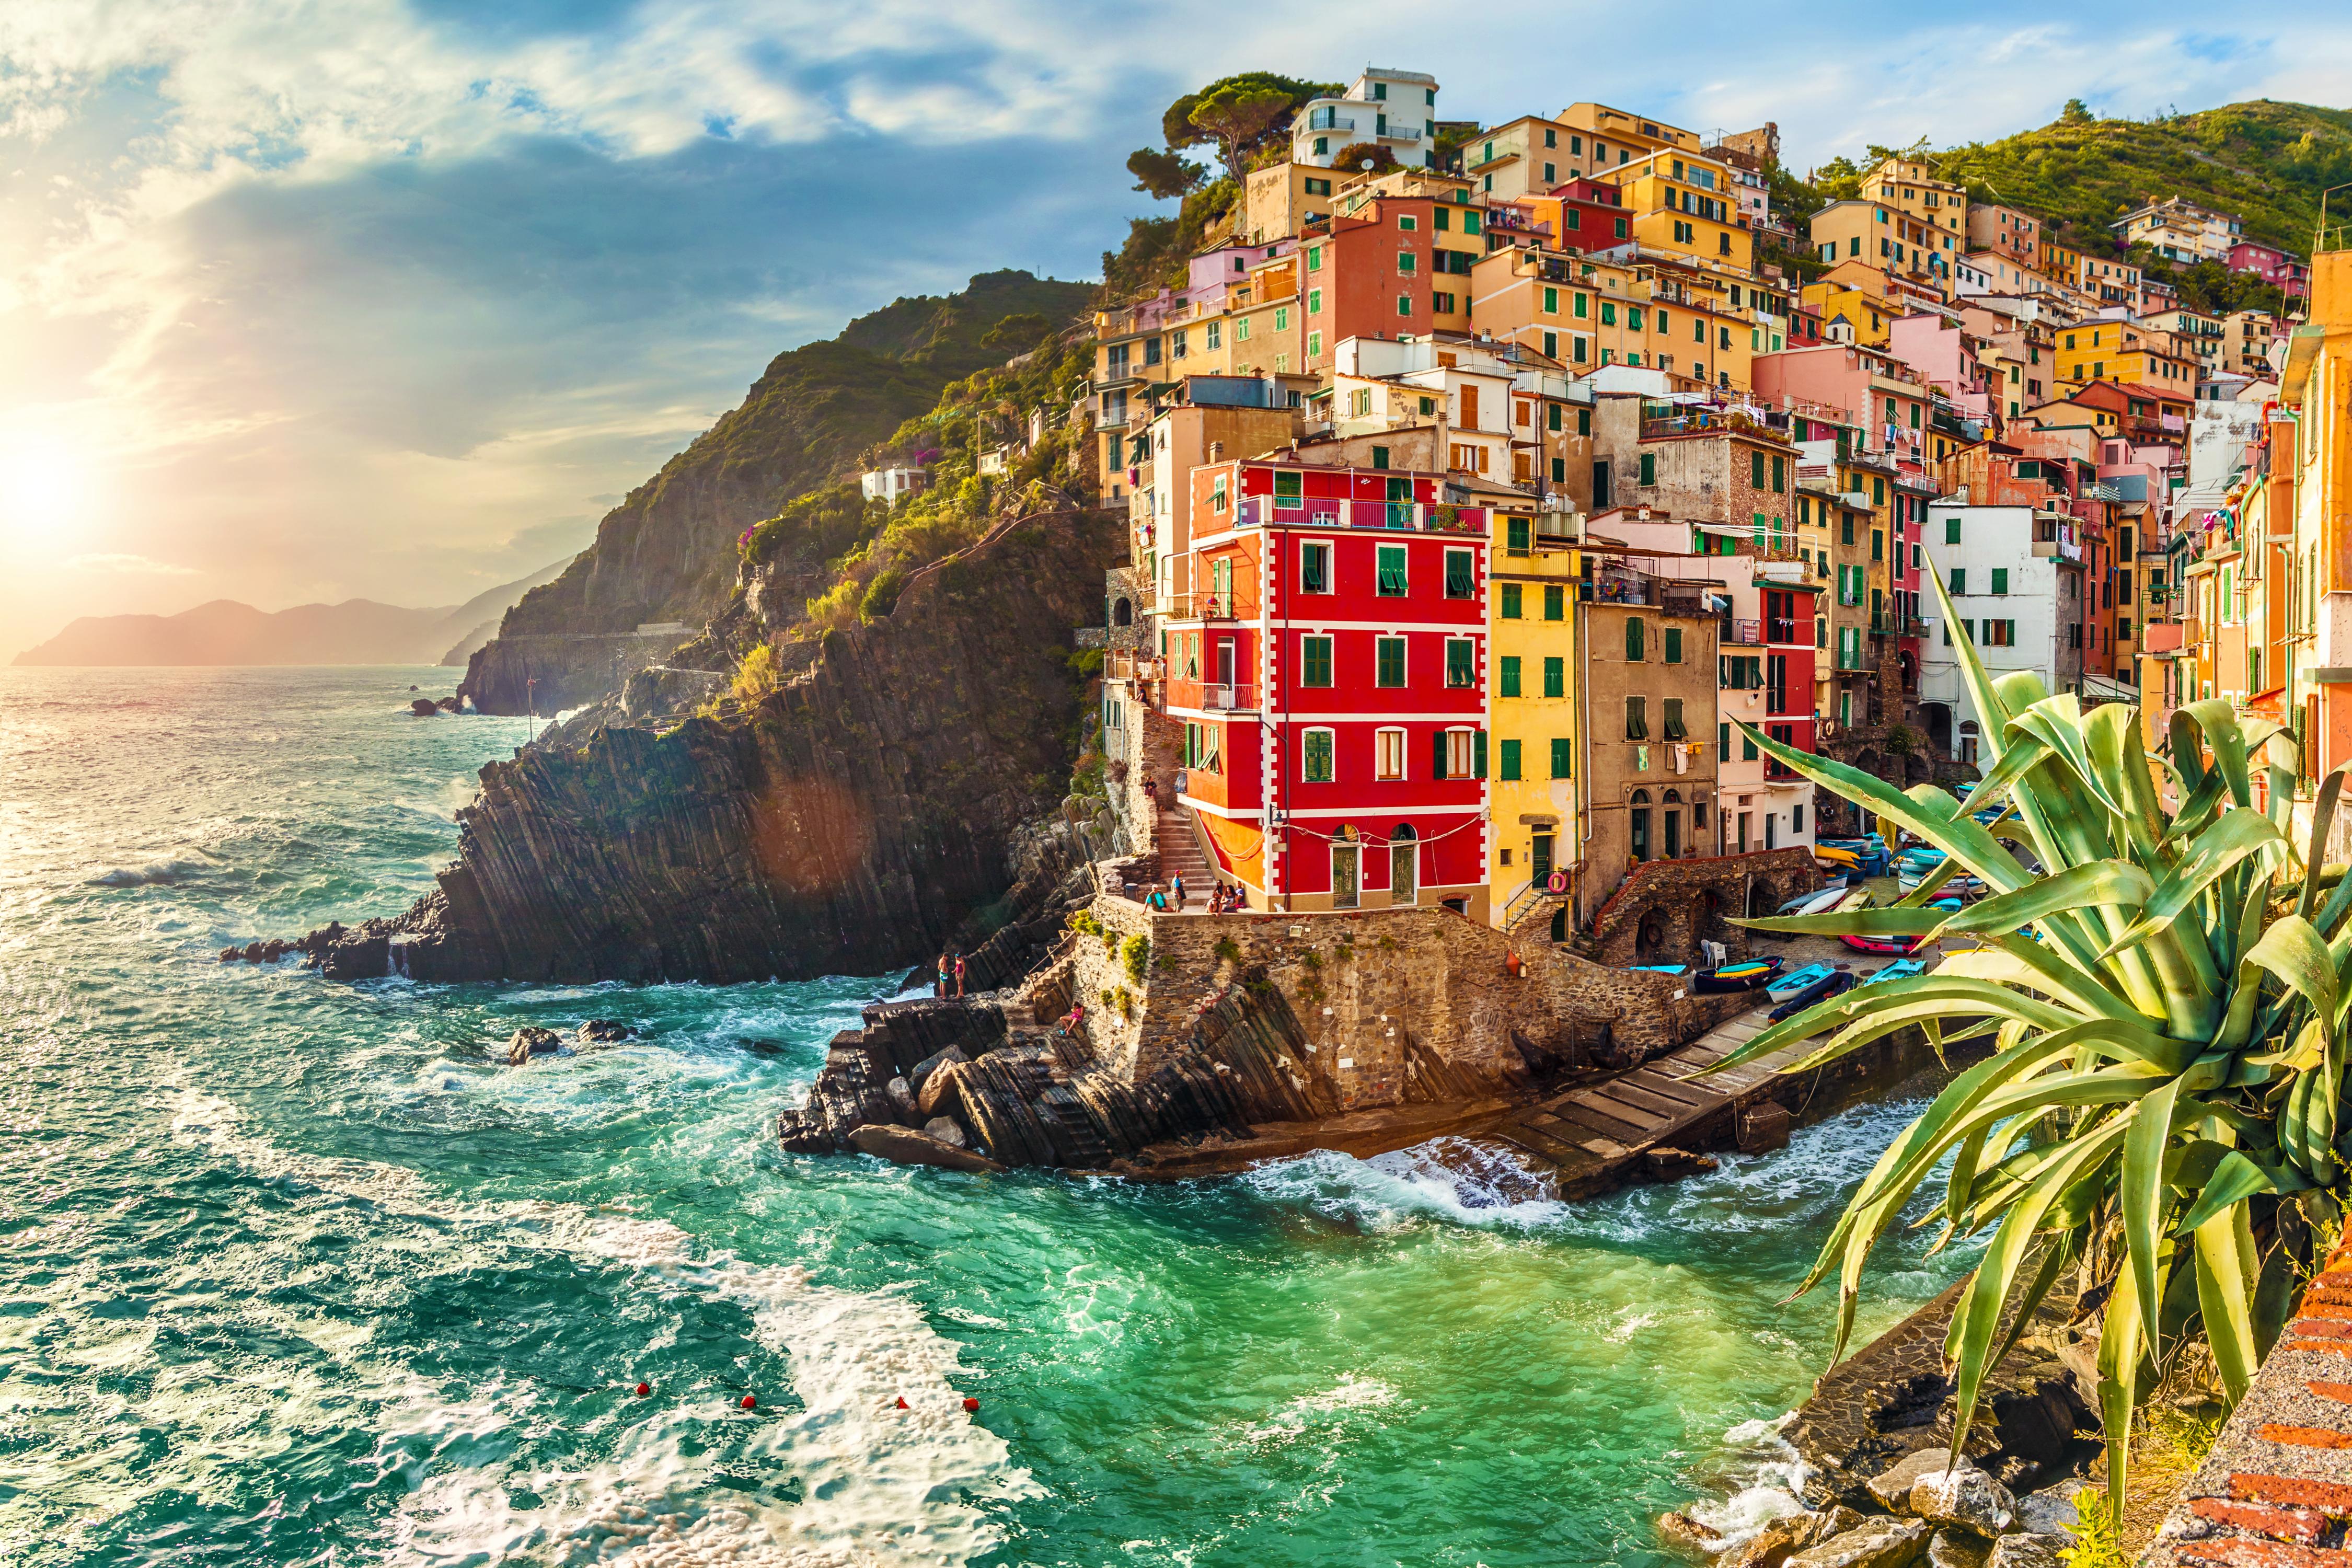 Uitzicht op bekende gekleurde huizen in Cinque Terre in Italië